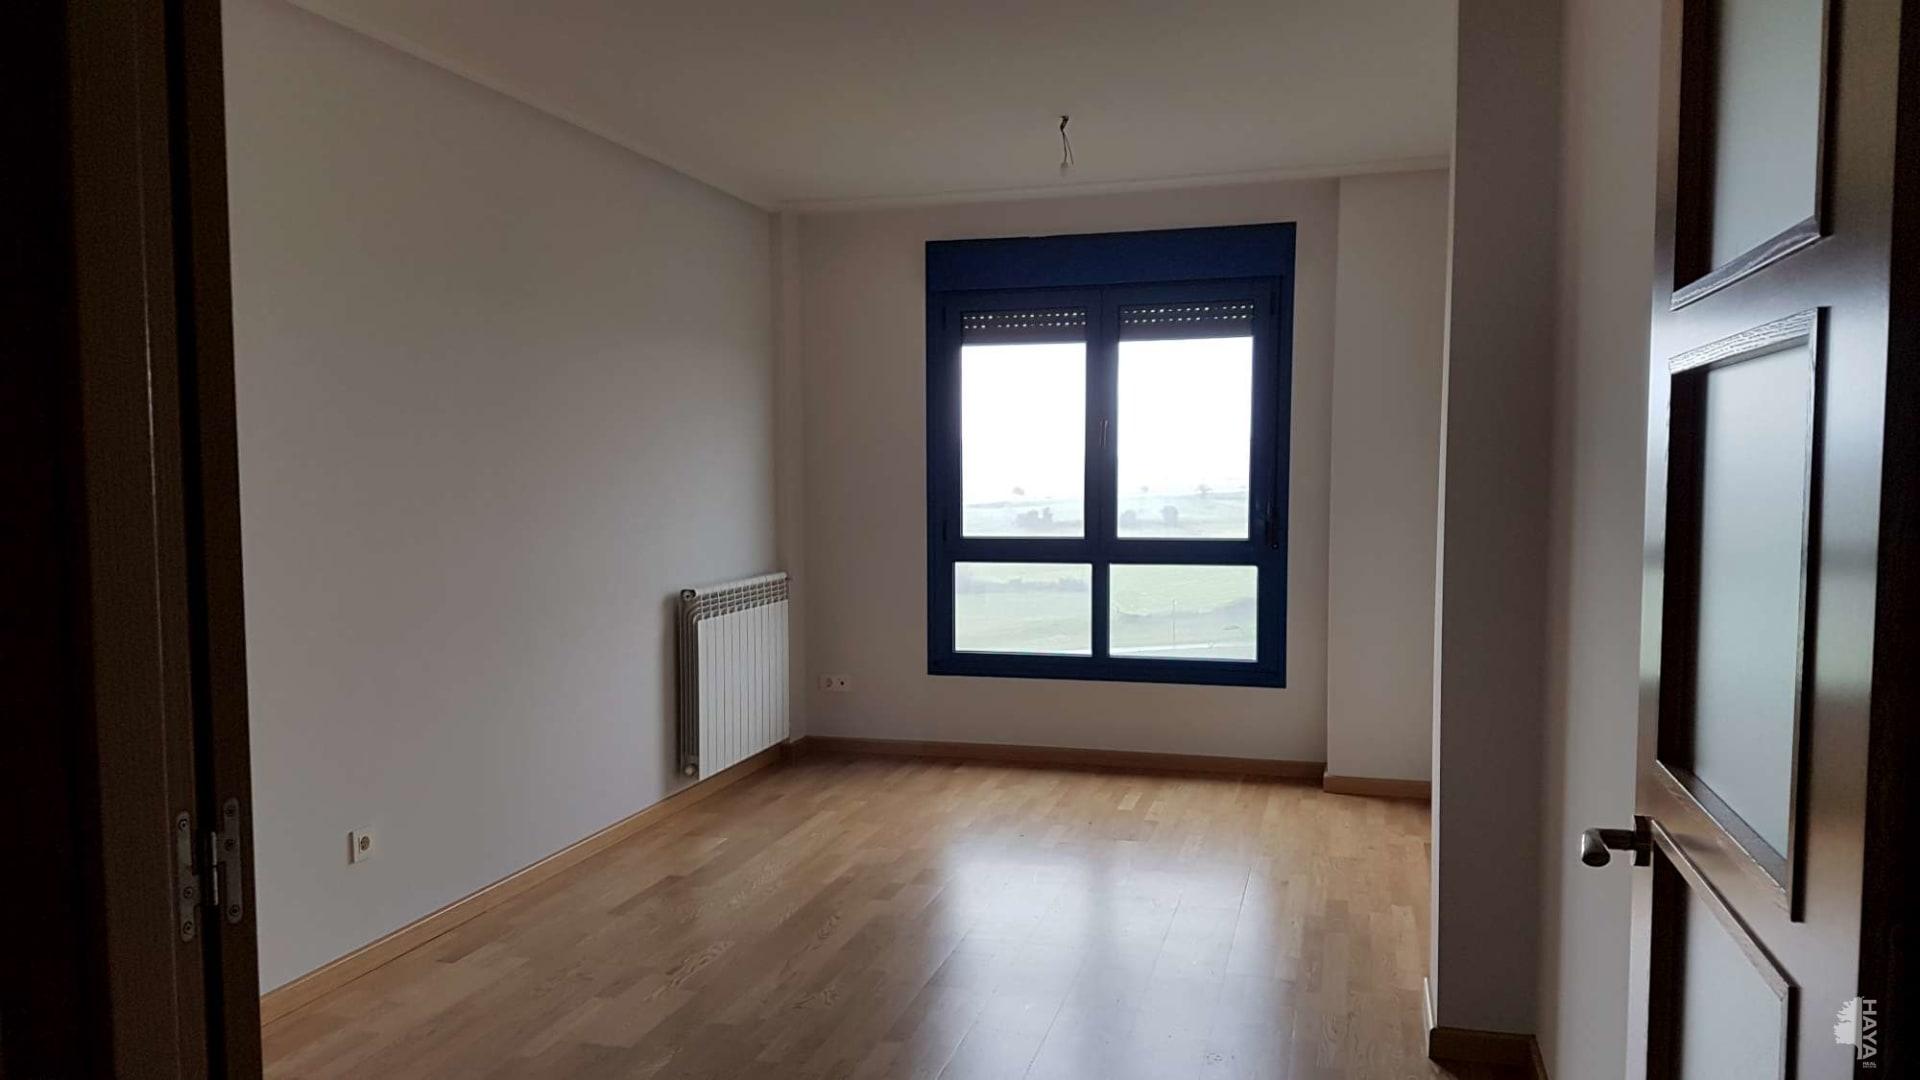 Piso en venta en Favila, Corvera de Asturias, Asturias, Pasaje del Manzano, 110.700 €, 3 habitaciones, 1 baño, 89 m2